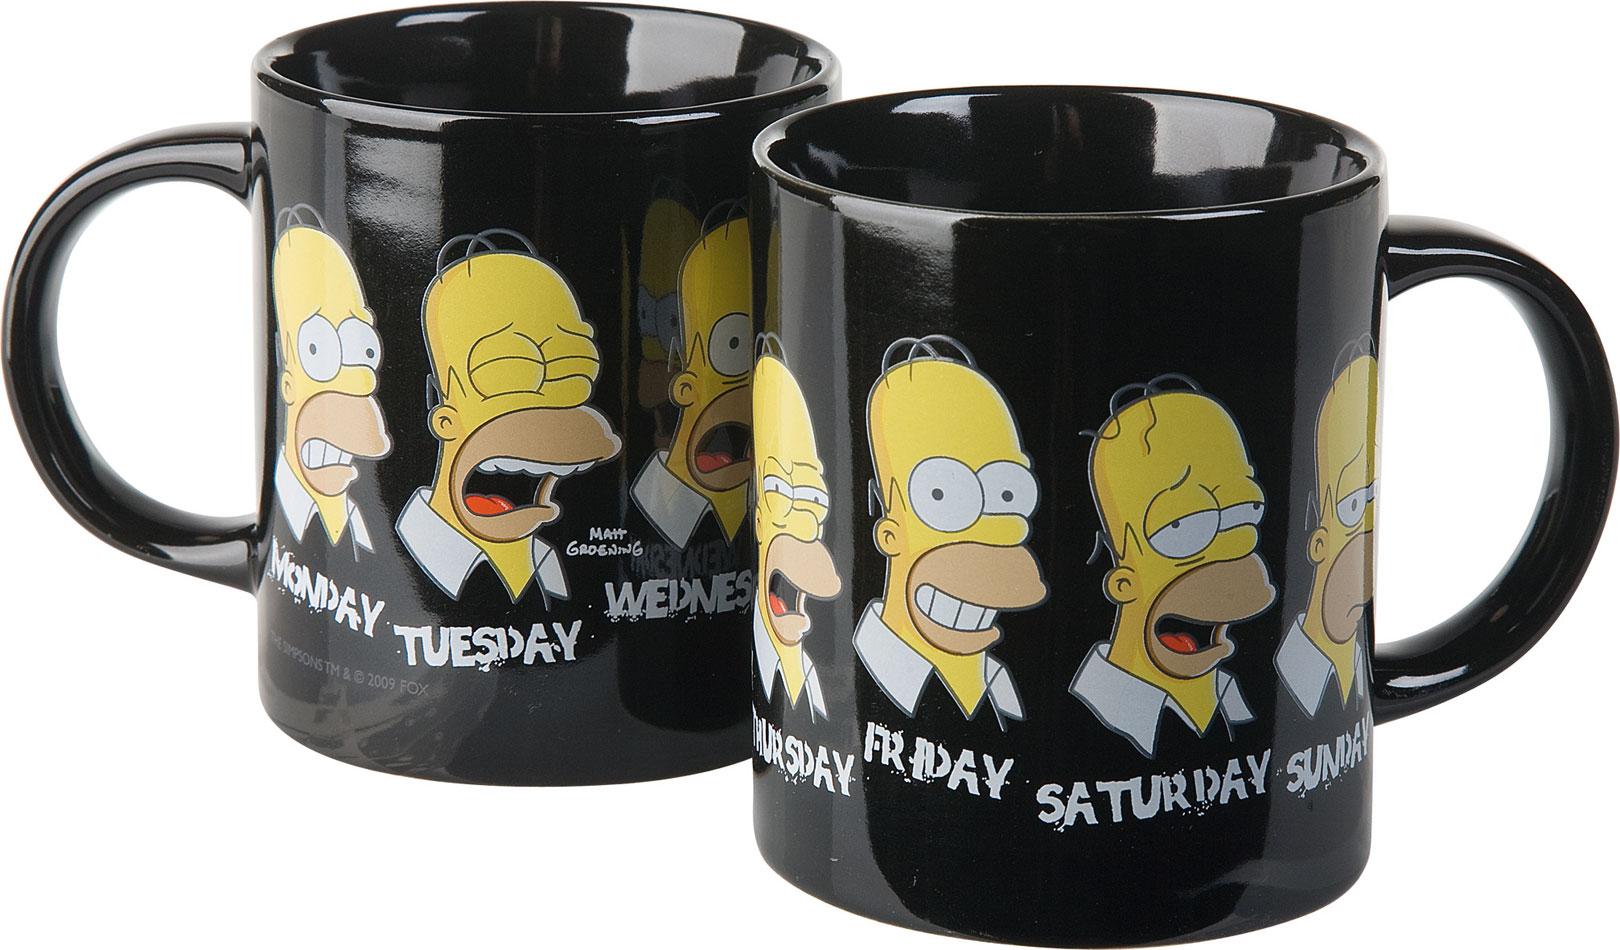 Simpsons Mug A Normal Week